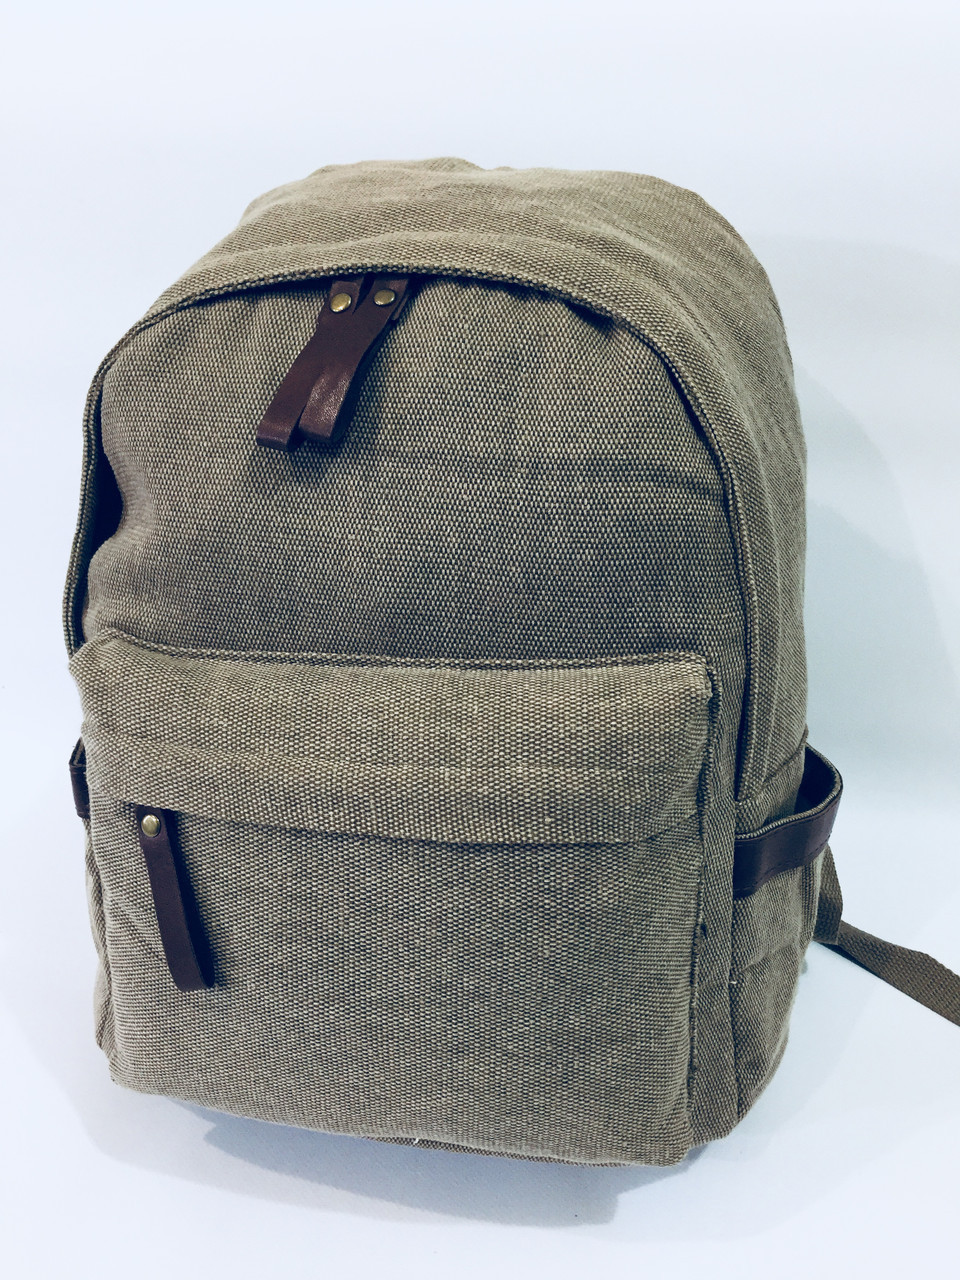 Городской рюкзак S150726, коричневый